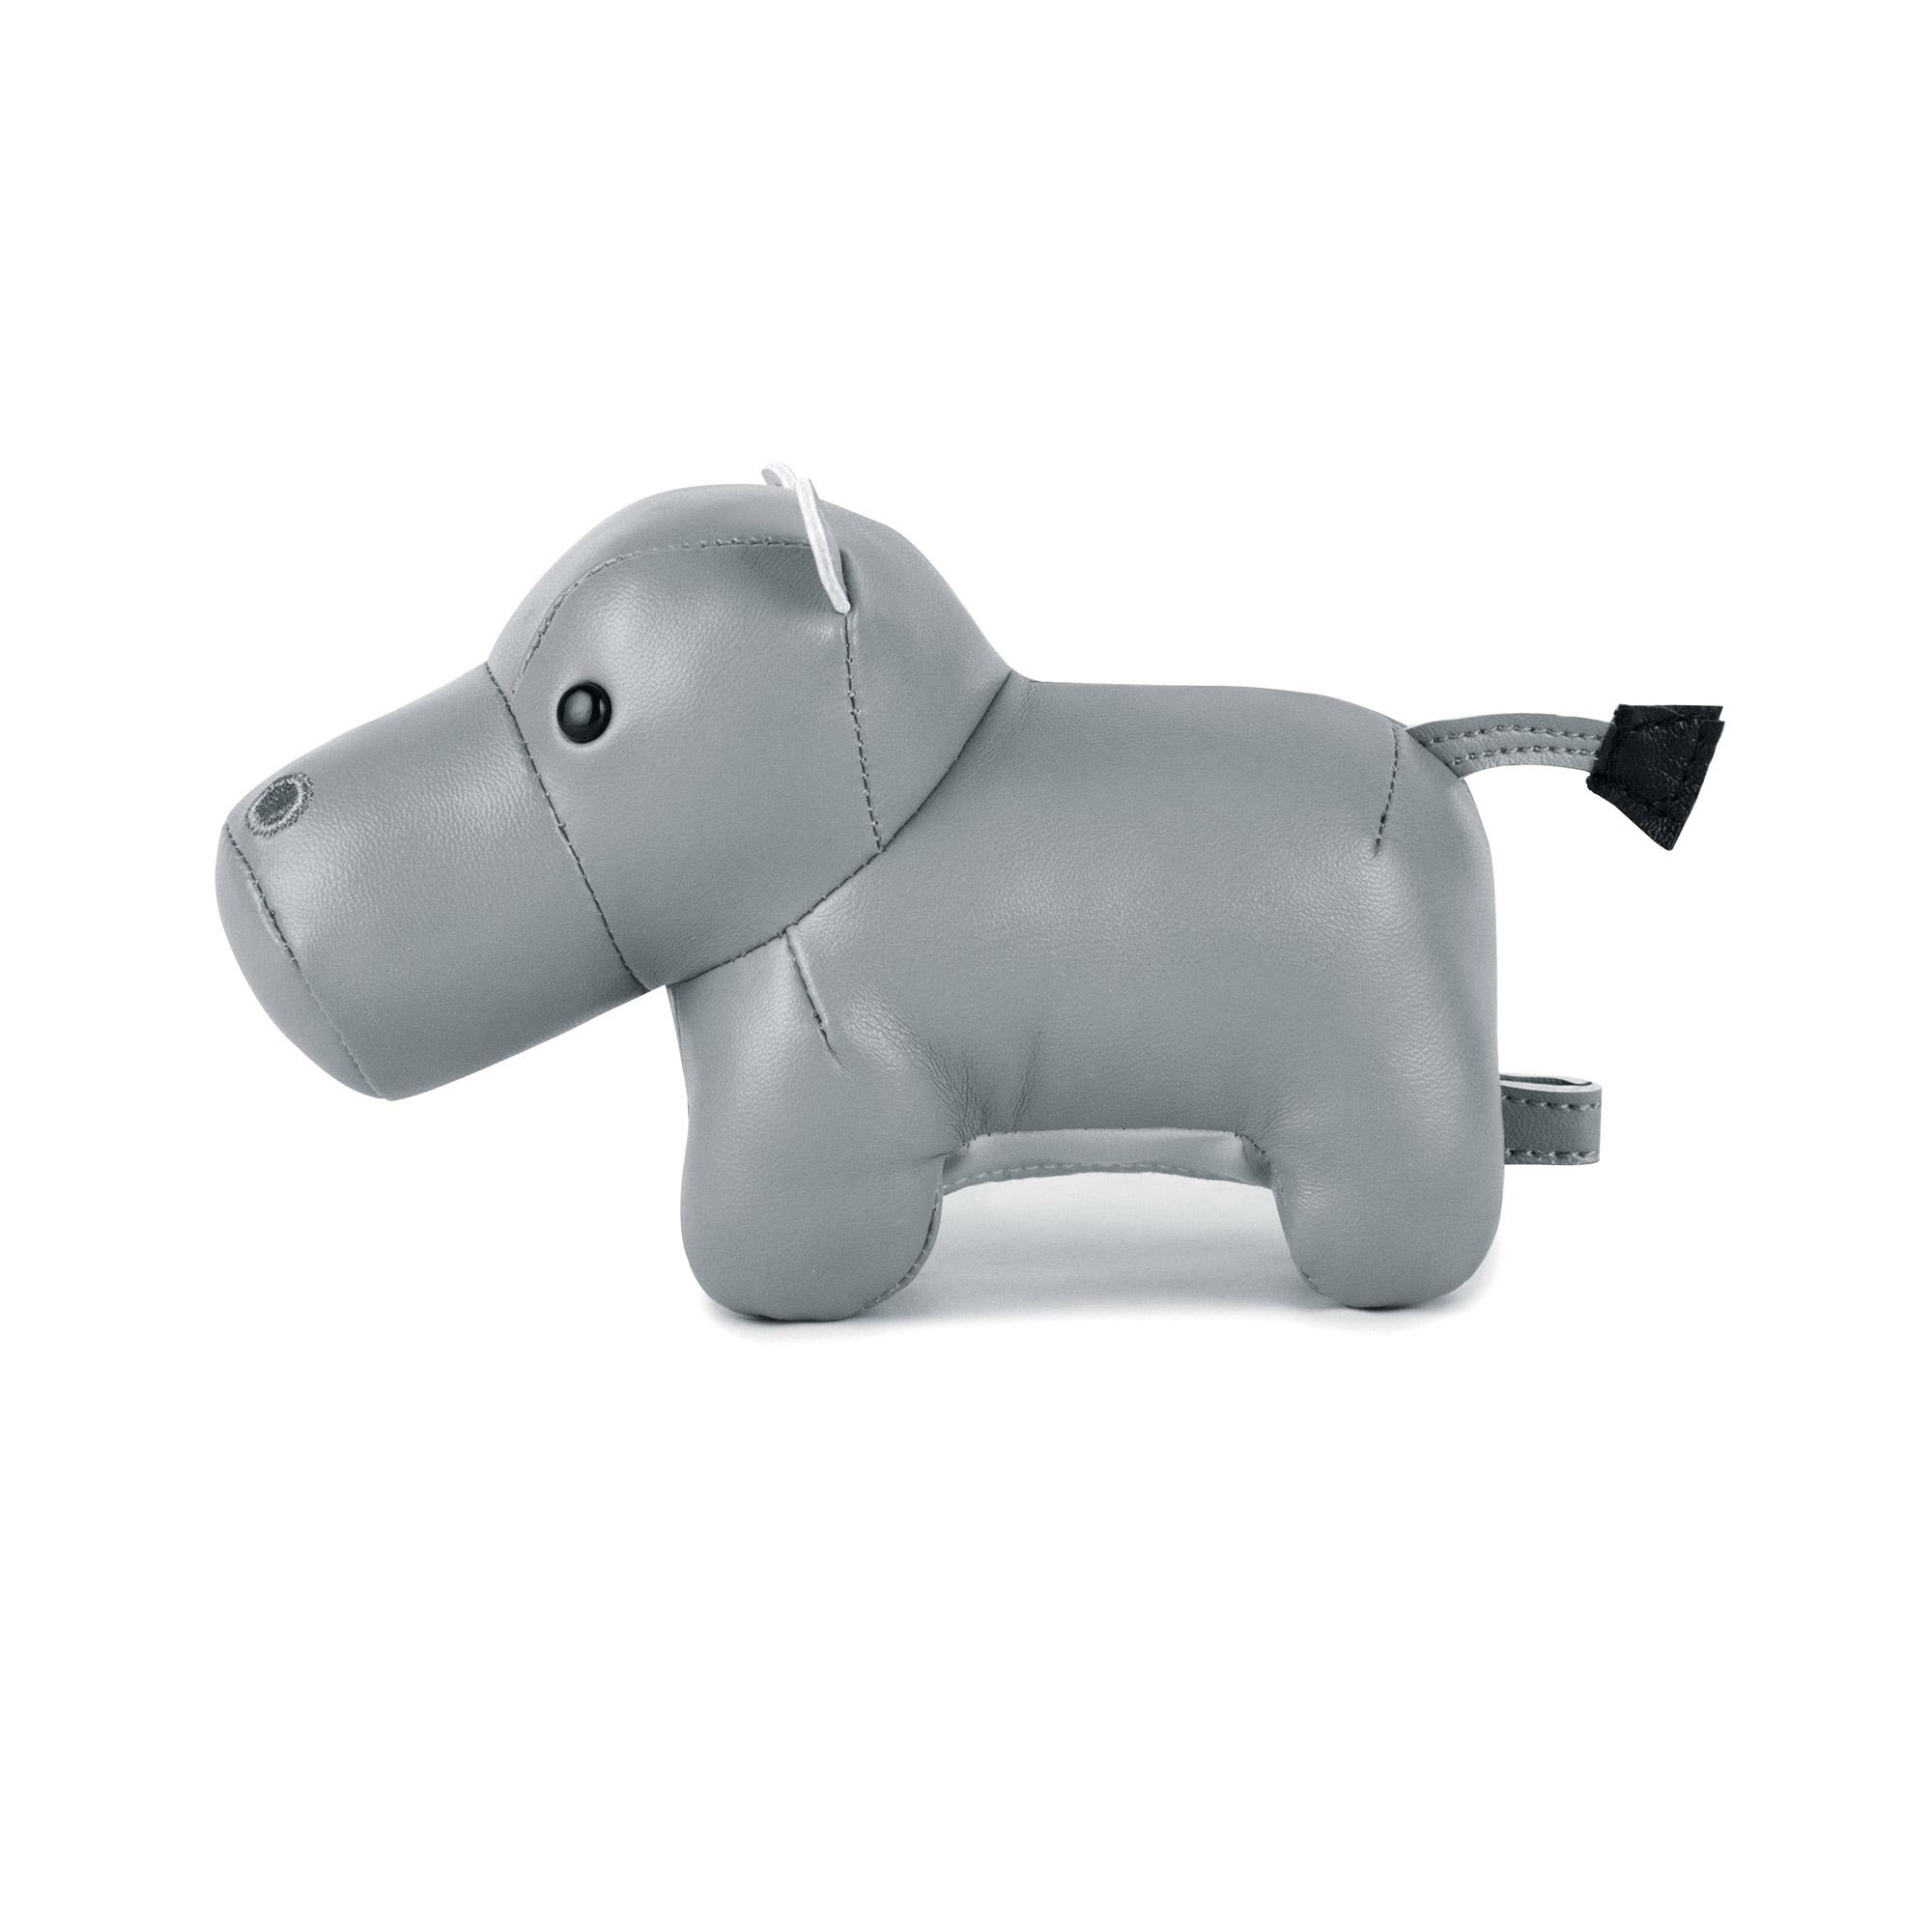 Les Petits animaux - Hippo GRIS Little big friends